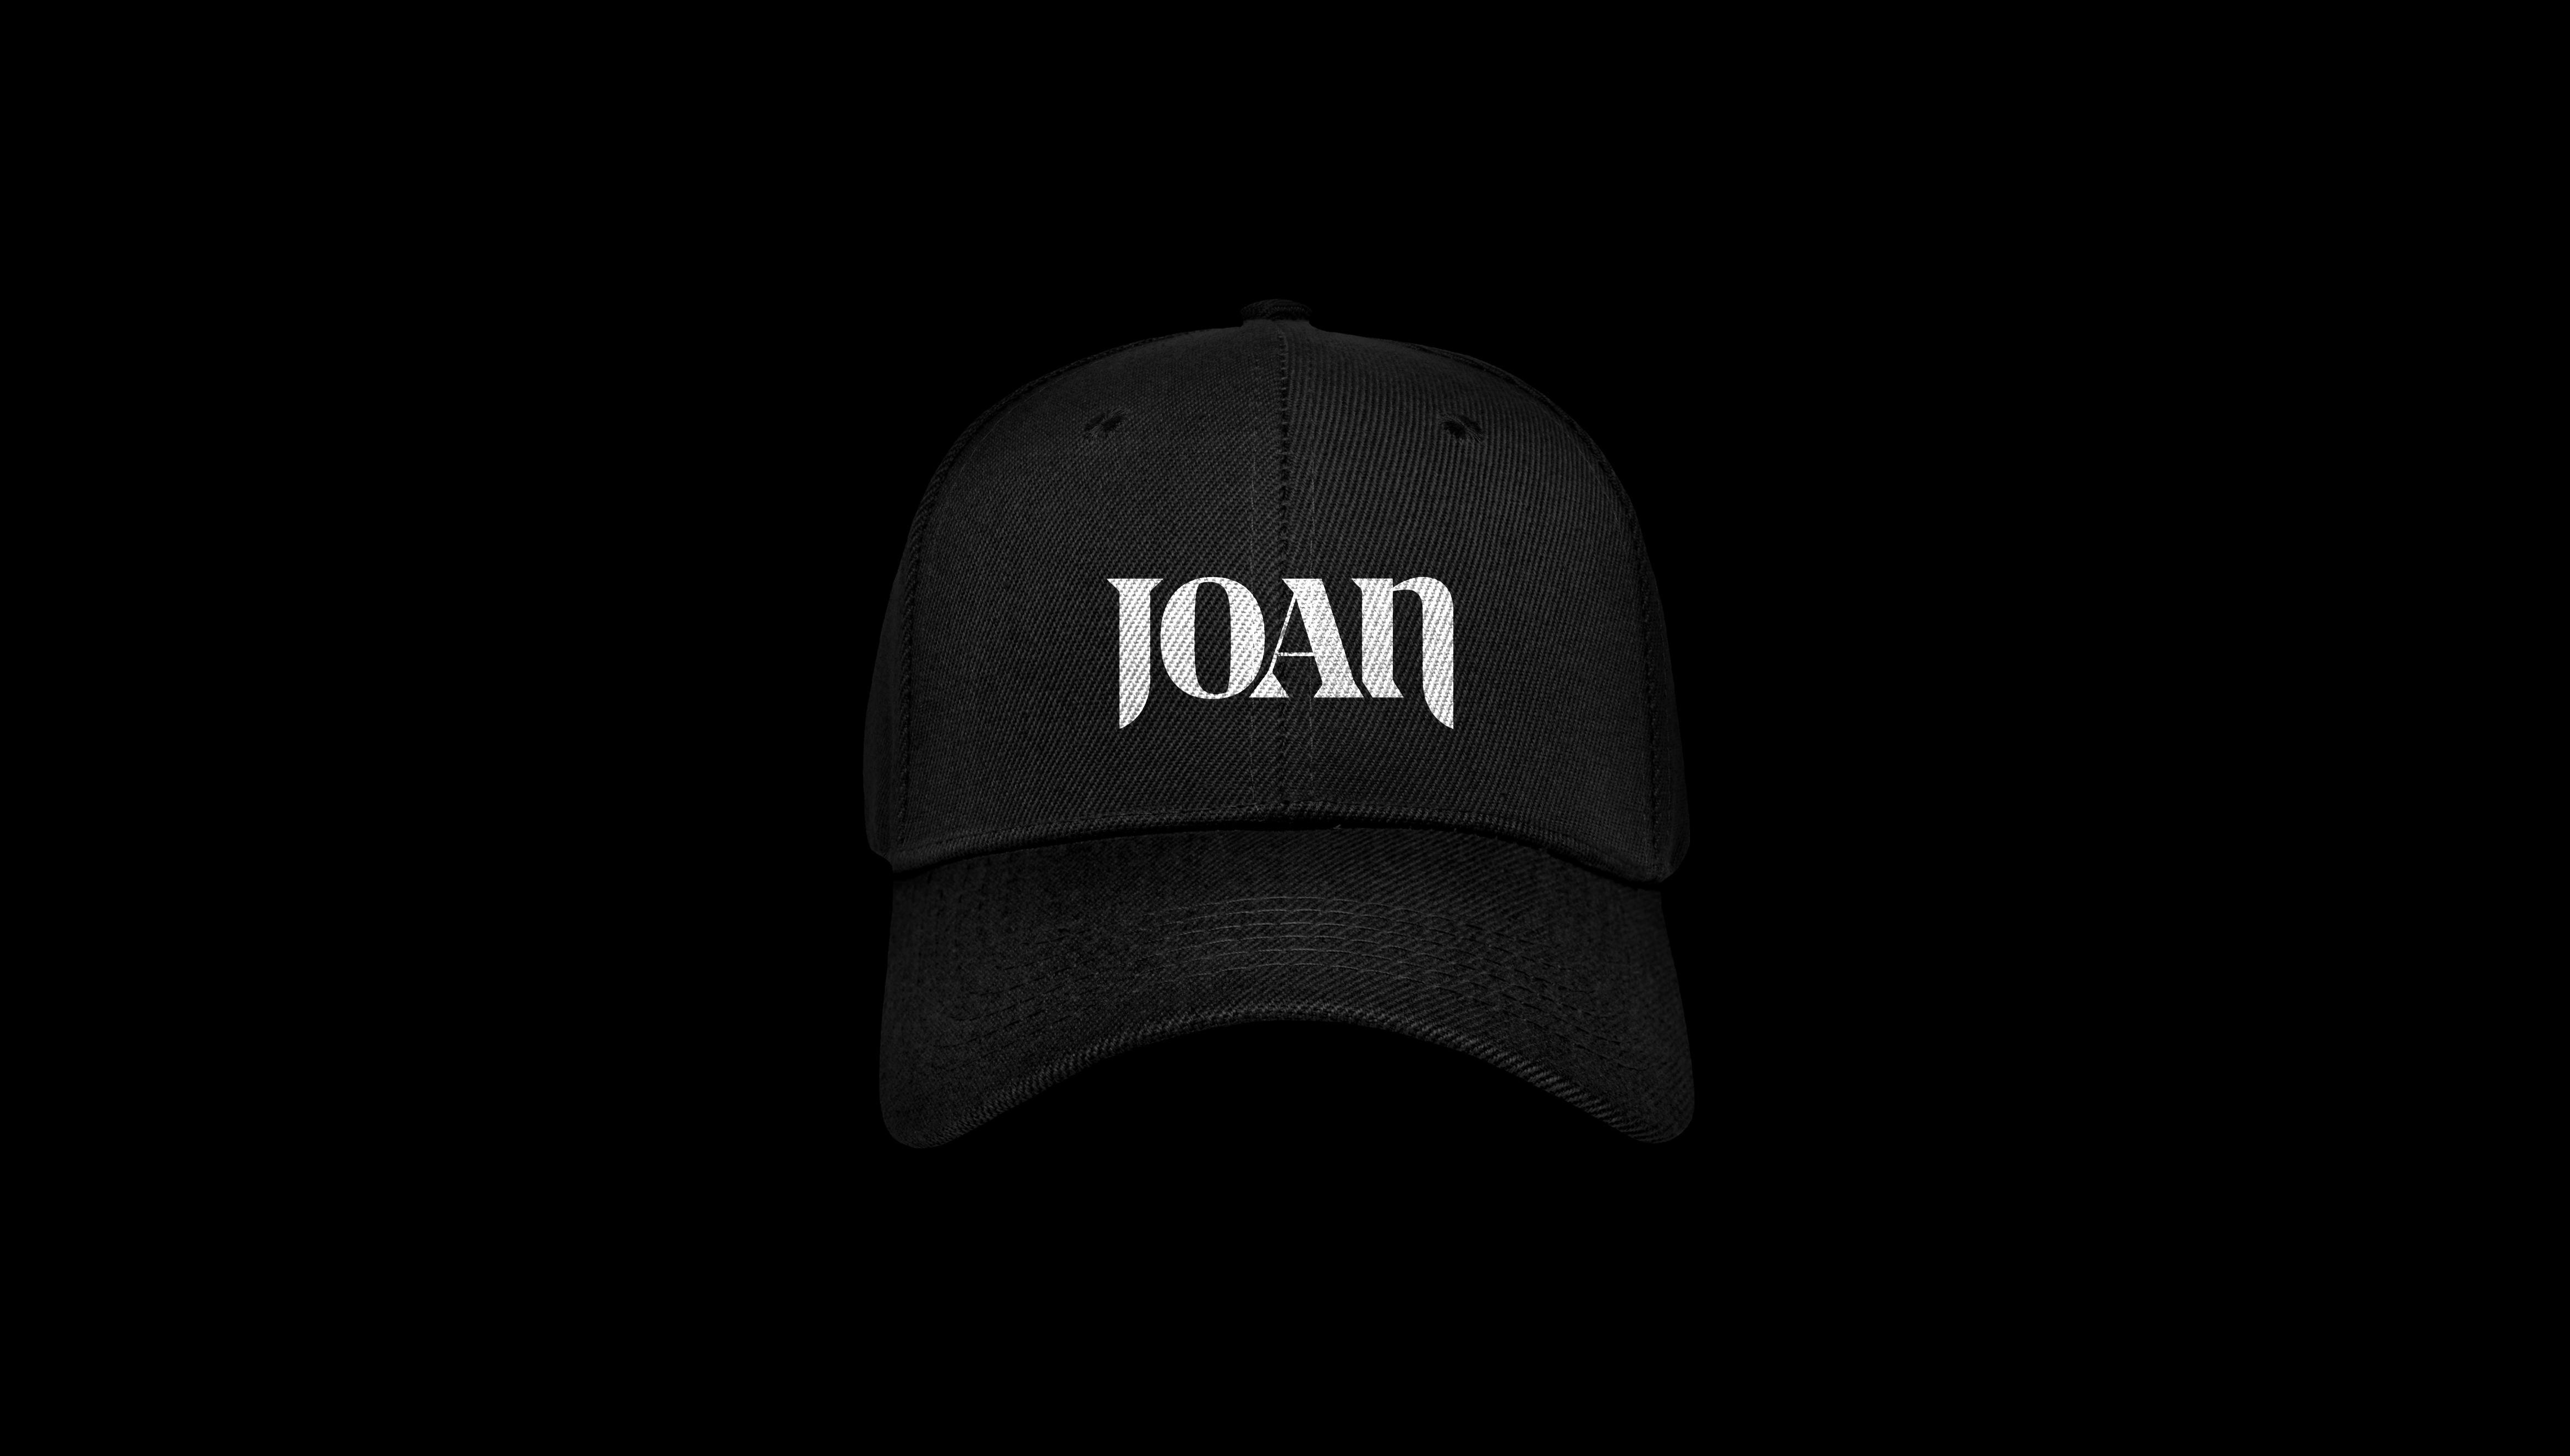 Joan hat